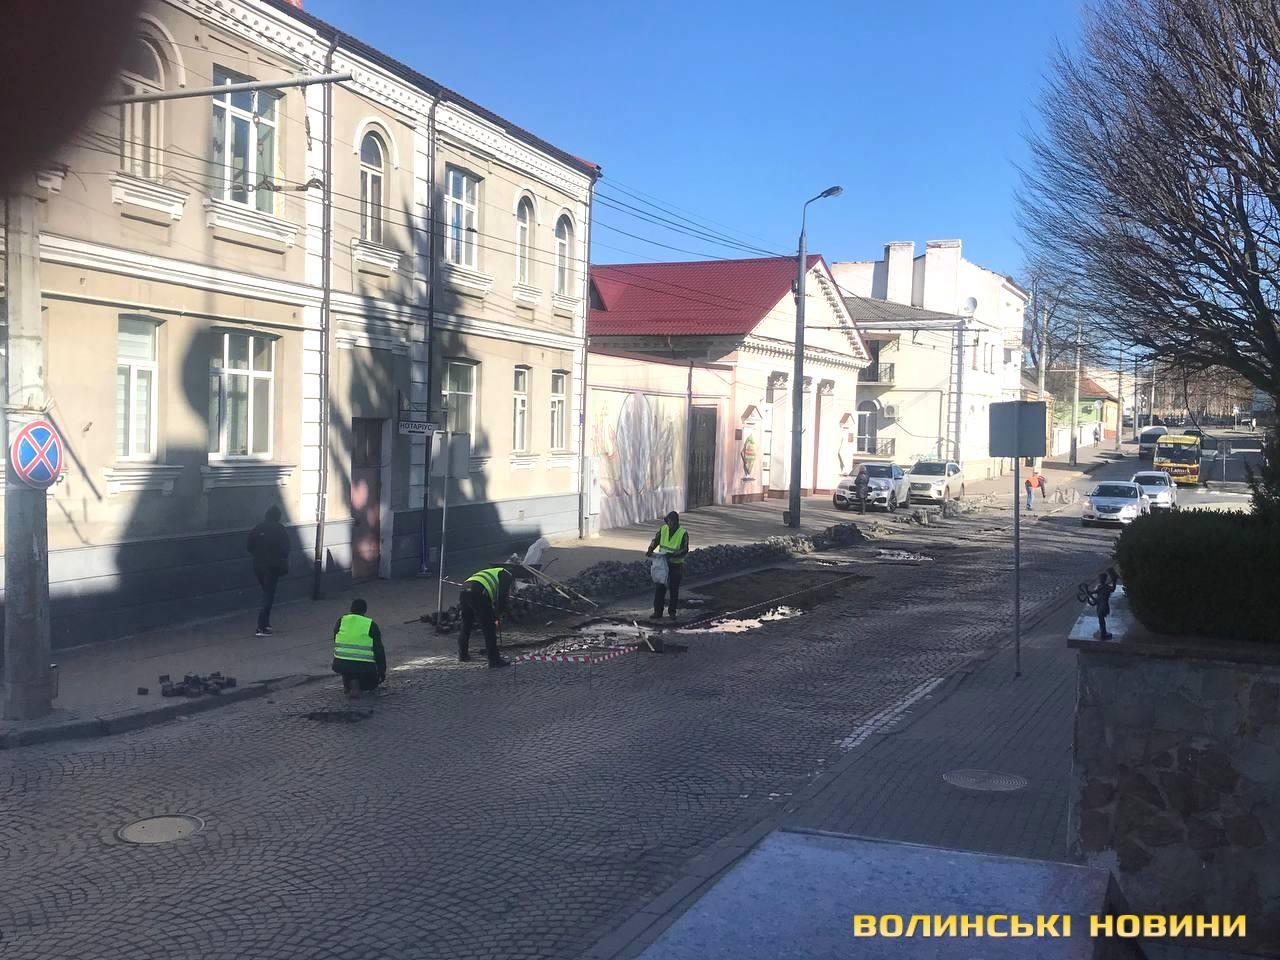 У Луцьку ремонтують вулицю в історичній частині міста